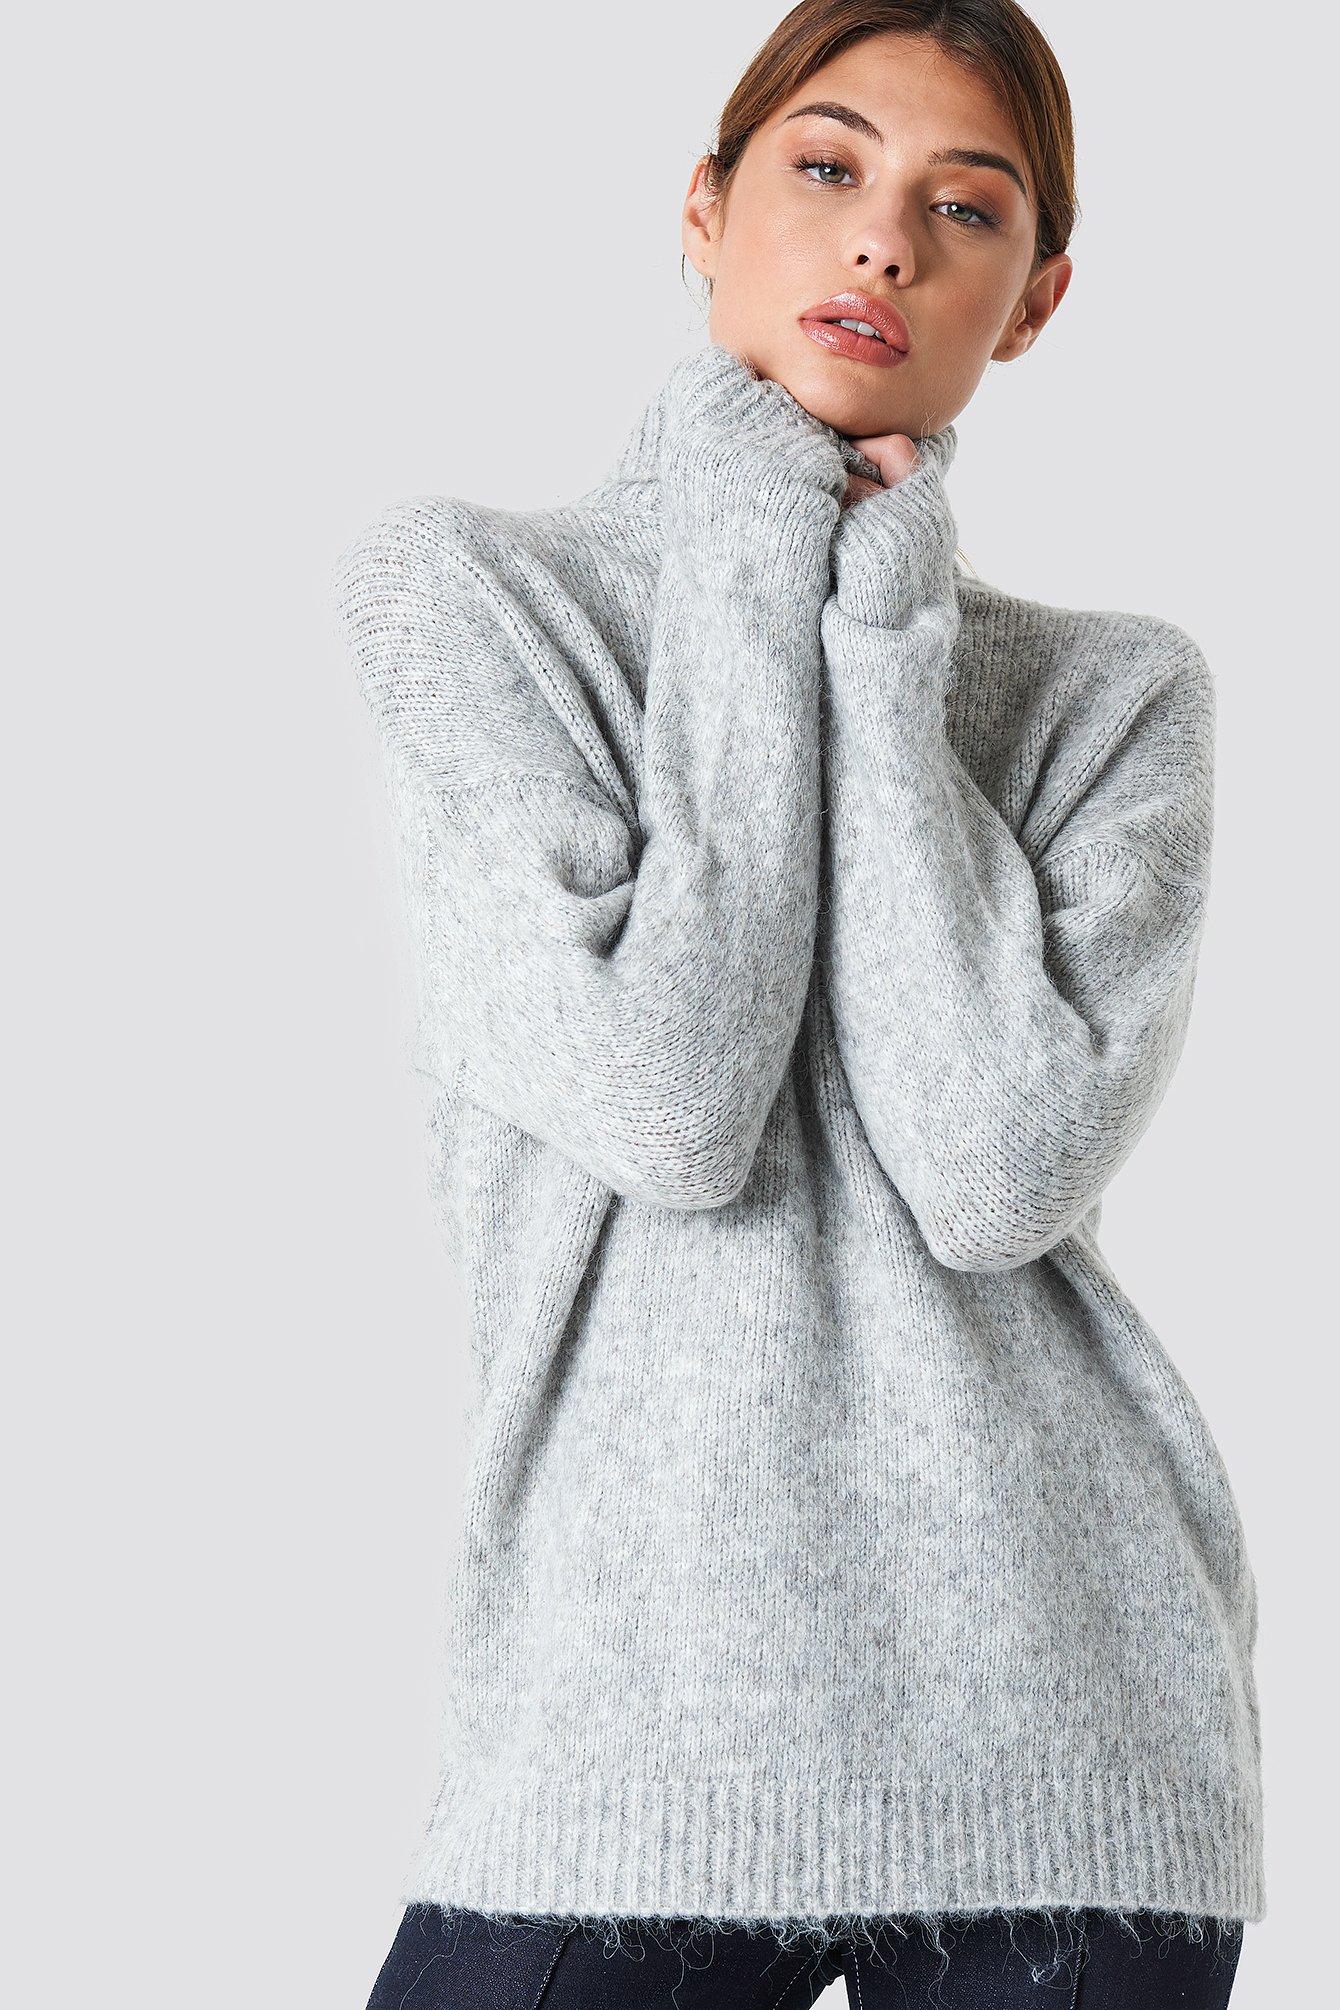 Se NA-KD Folded Oversized Knitted Sweater - Grey ved NA-KD